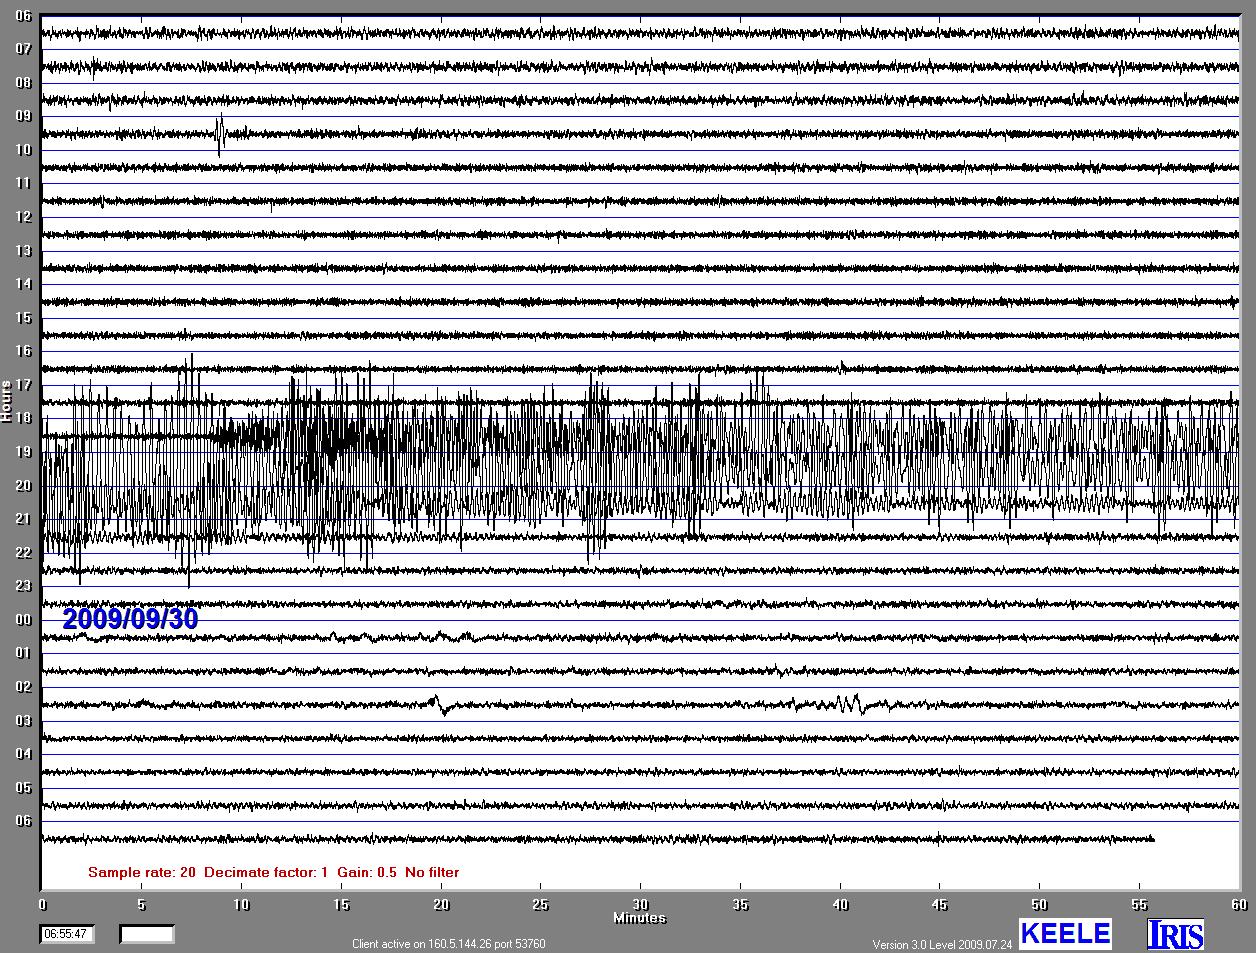 20090929 samoa earthquake